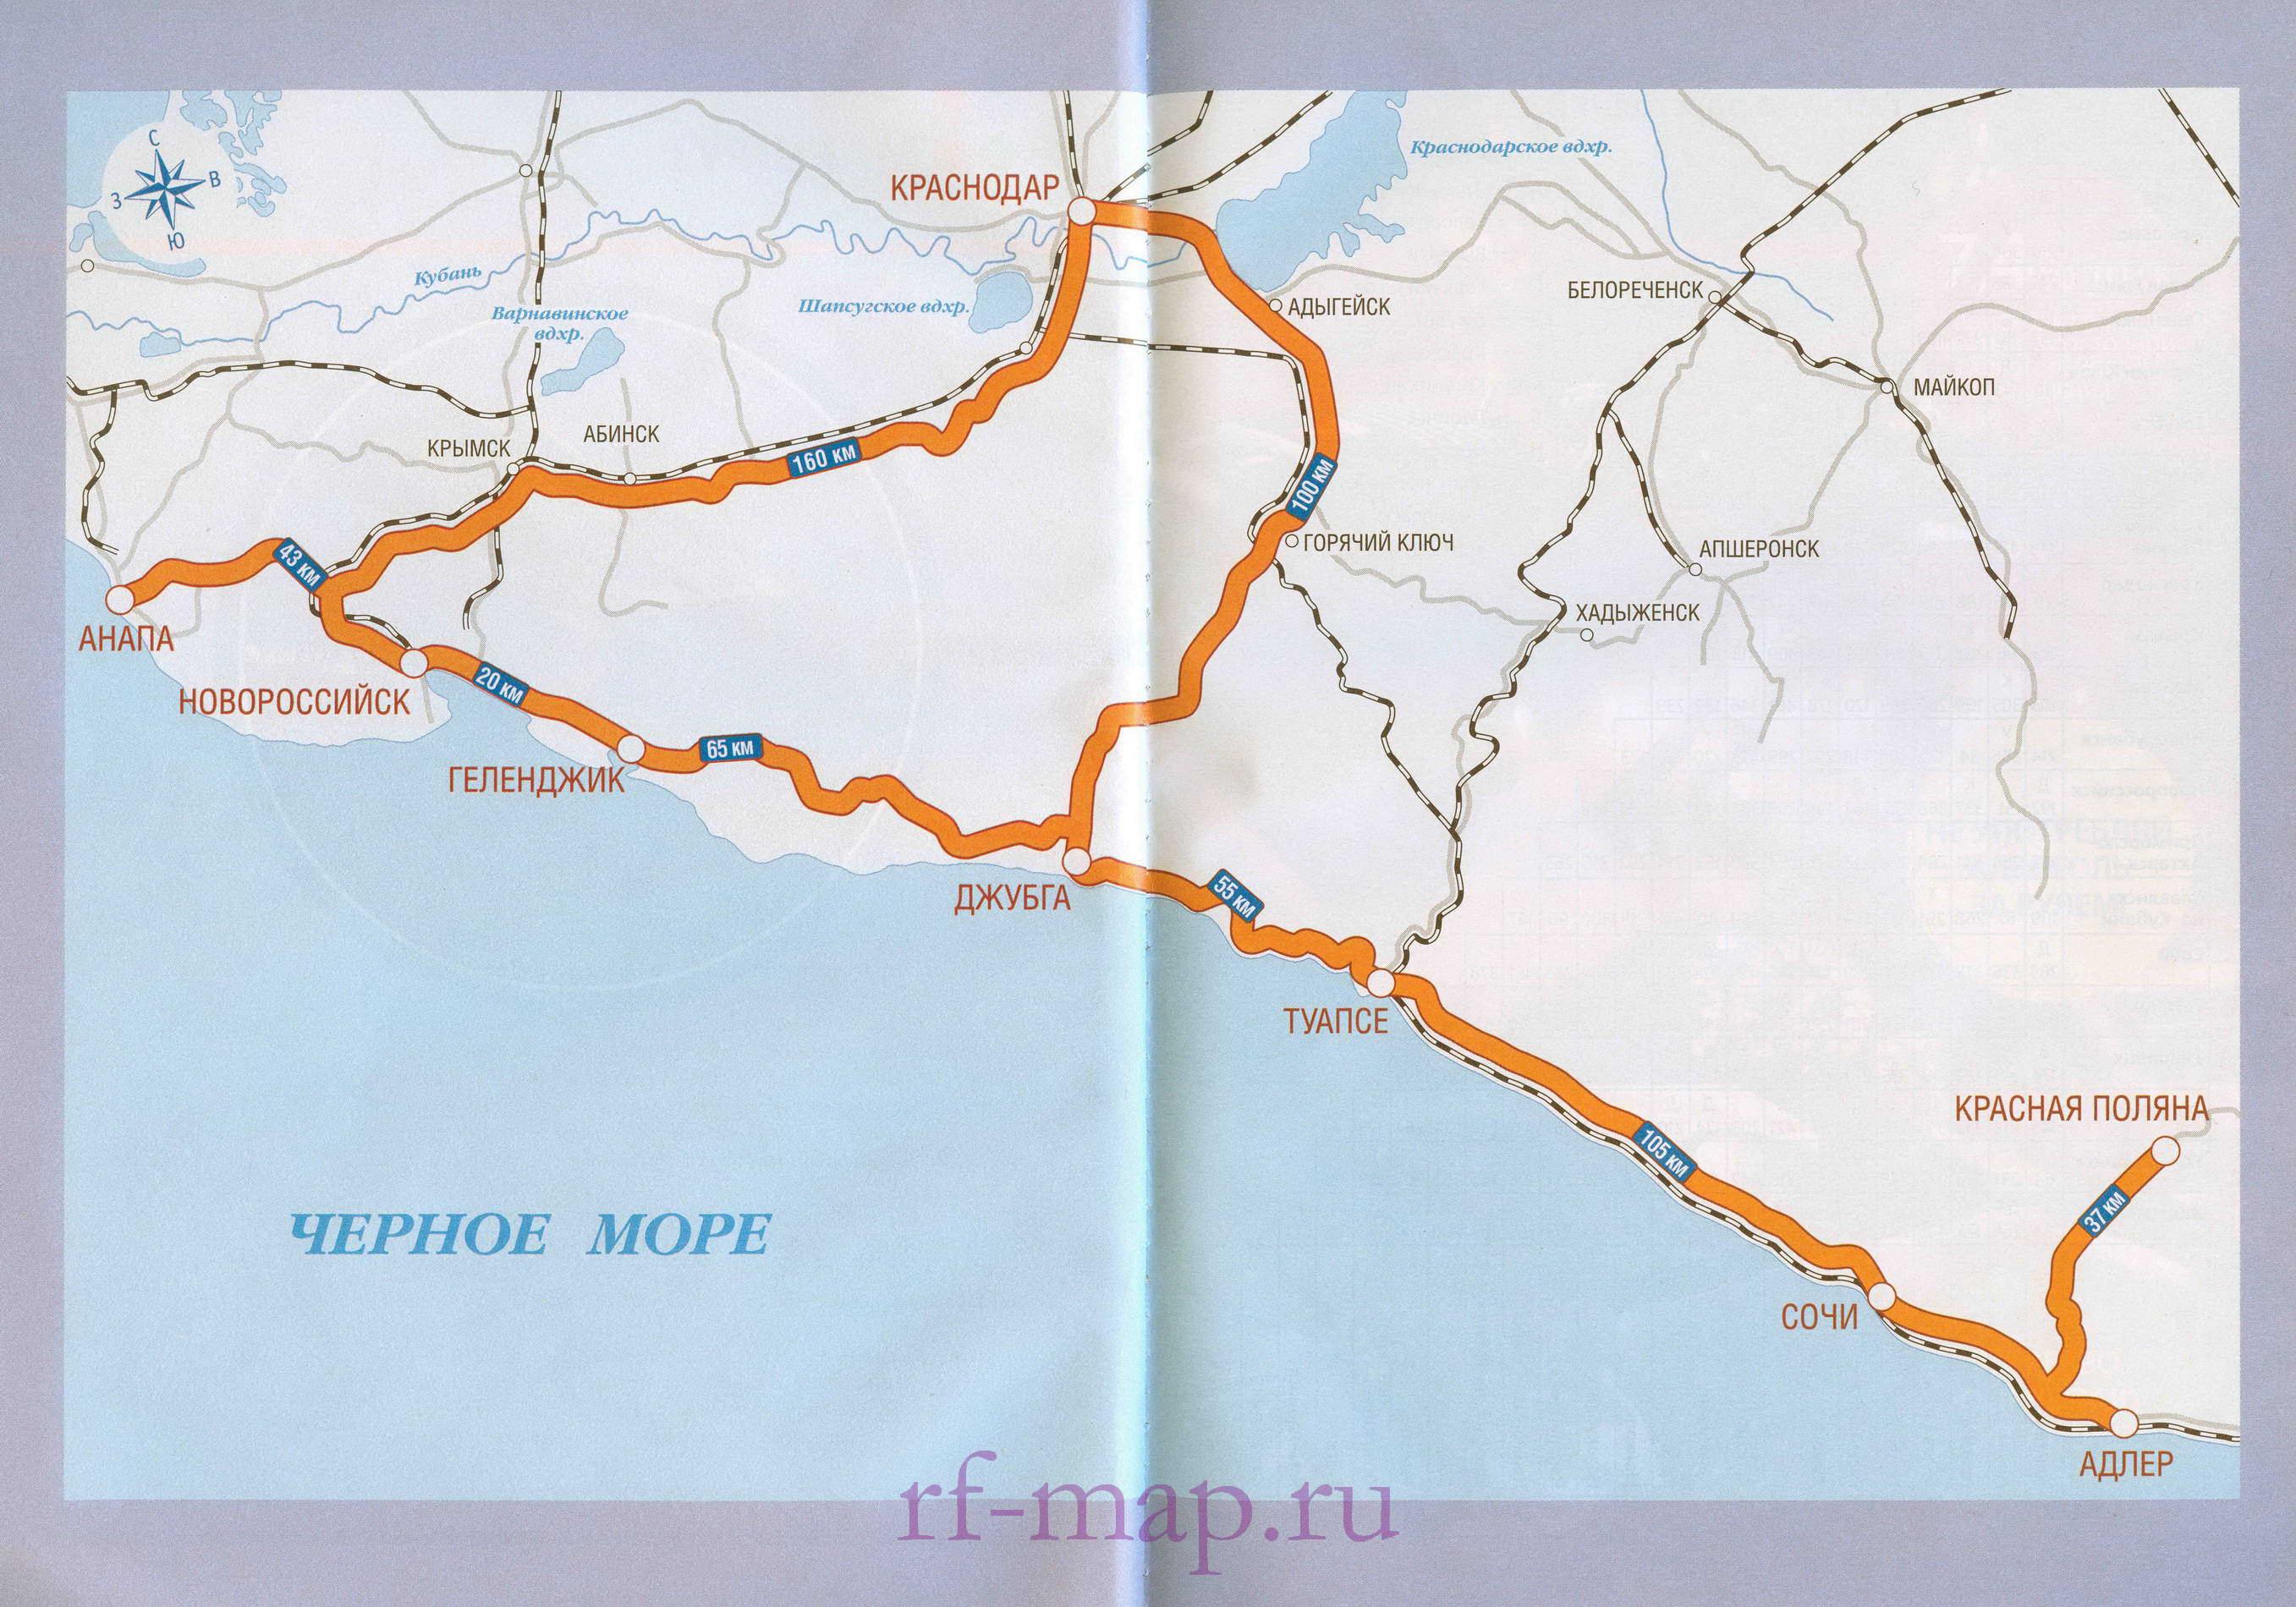 Автомобильная карта Черноморского побережья Краснодарского края.